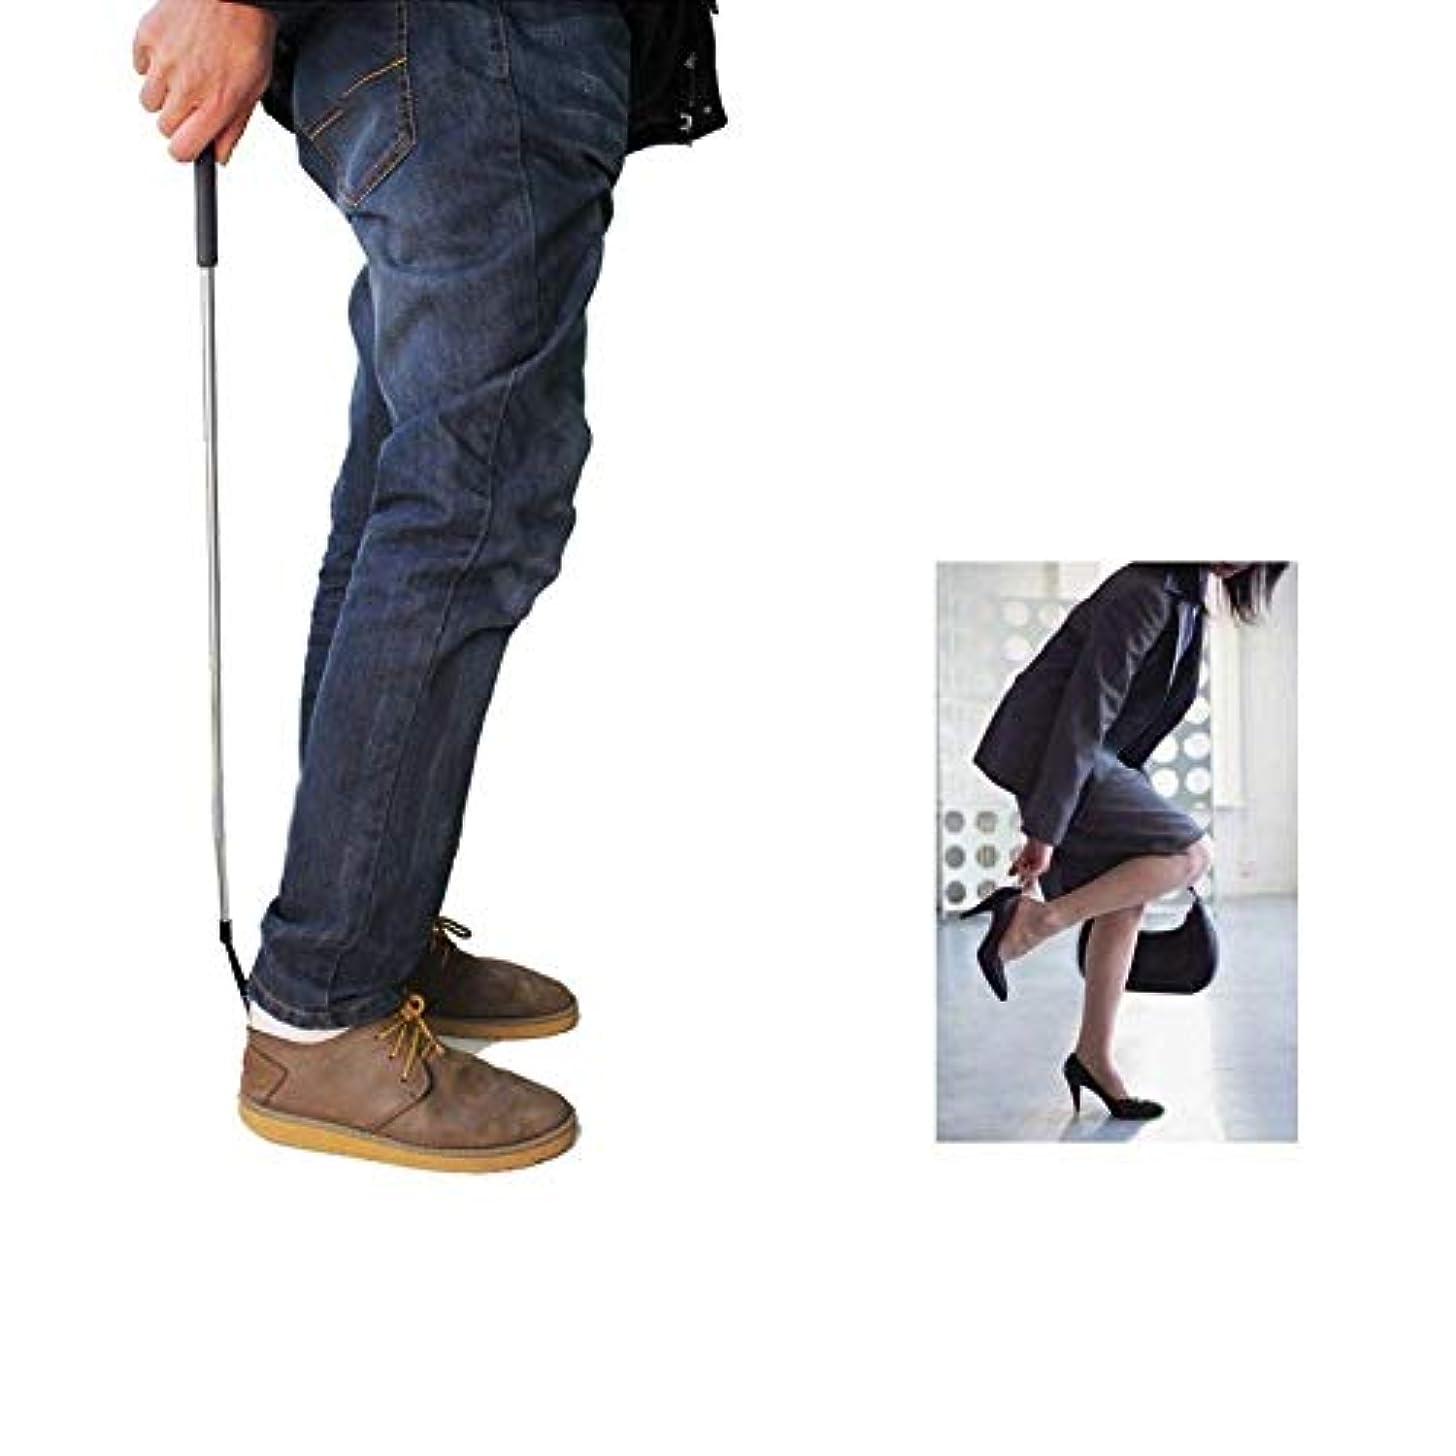 耕すバウンス国勢調査Pichidr-JP 靴べら シューホーン くつべら 靴 長ヘラ 携帯 伸縮自在 シューケア ロング 軽量 高齢者 靴の角拡張可能&折りたたみ 男性女性靴